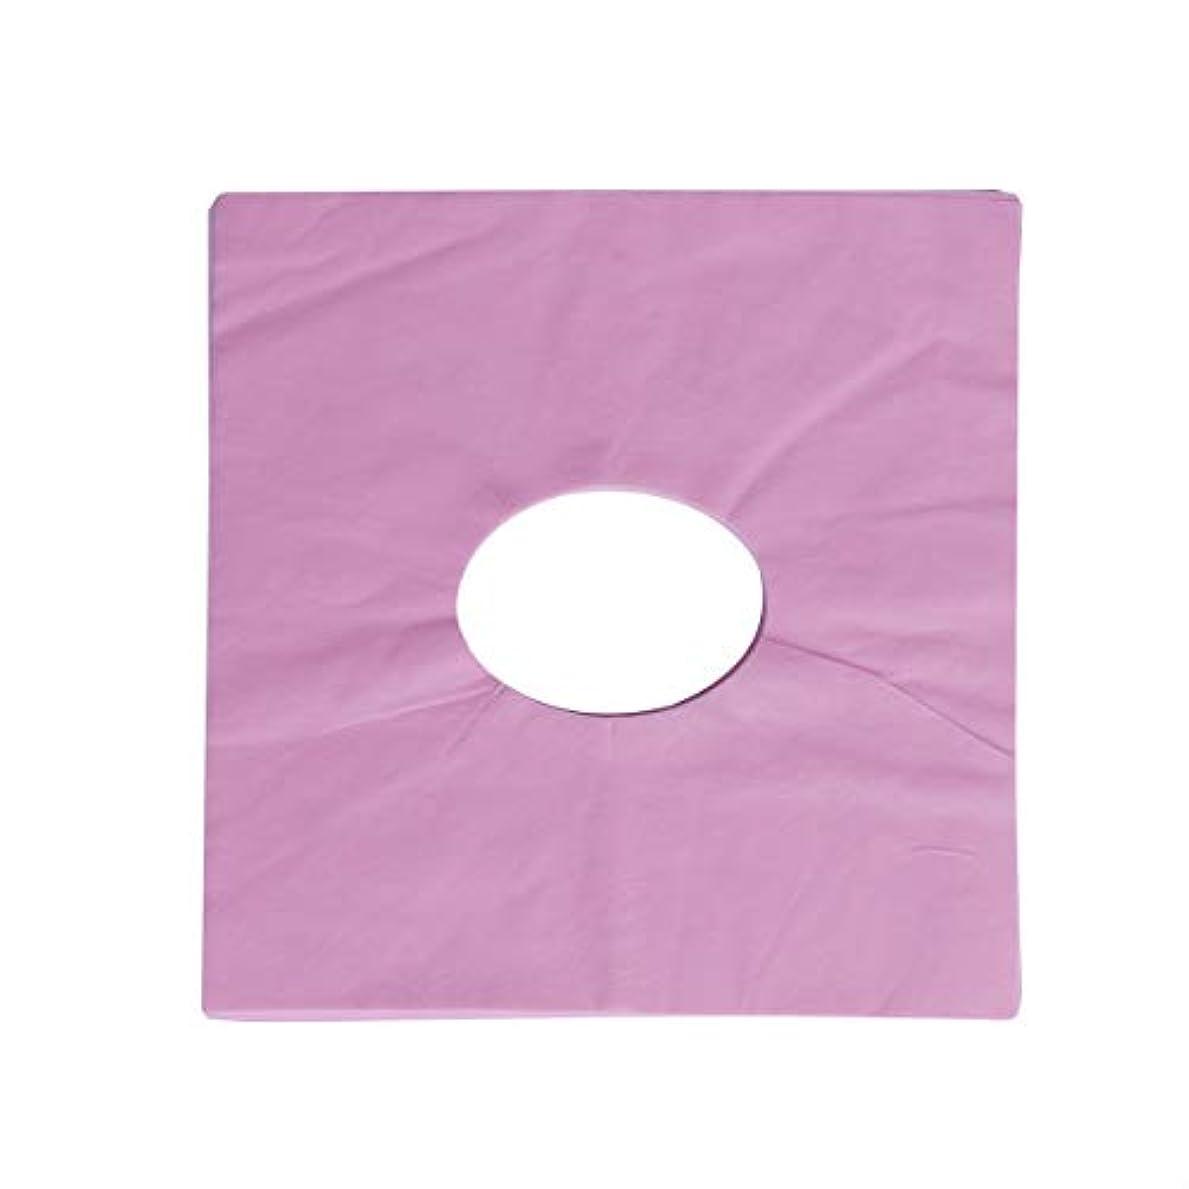 生命体危険な肯定的SUPVOX 100ピース使い捨てマッサージフェイスクレードルカバーフェイスマッサージヘッドレストカバー用スパ美容院マッサージ(ピンク)